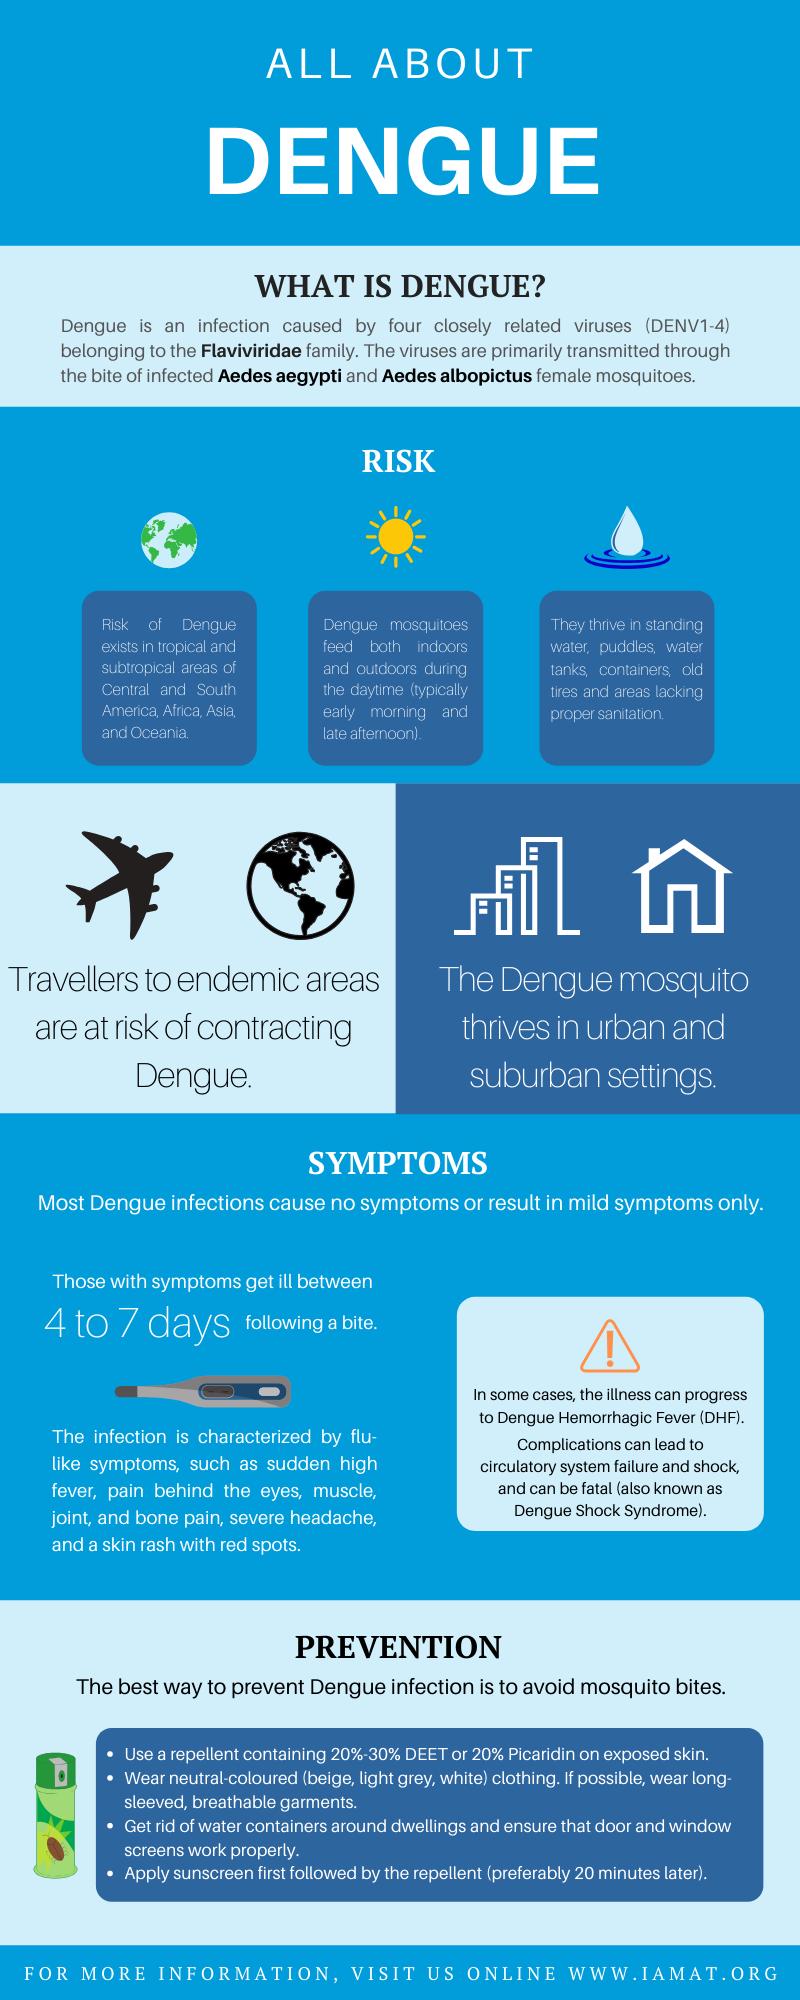 Philippines Dengue Iamat